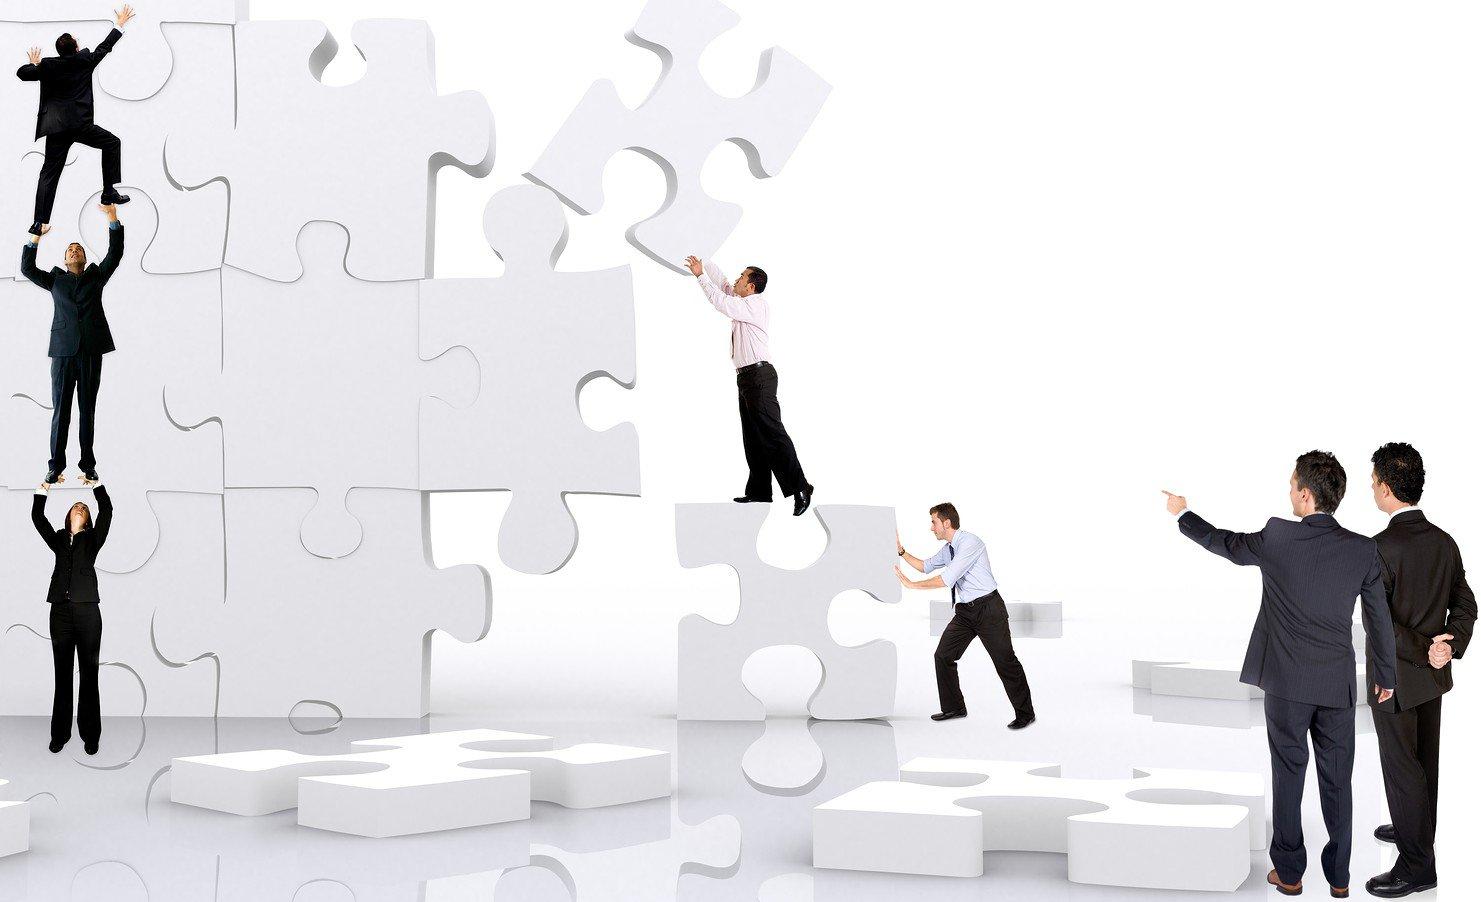 Hai cổ đông sáng lập có được phép thành lập công ty cổ phần không?